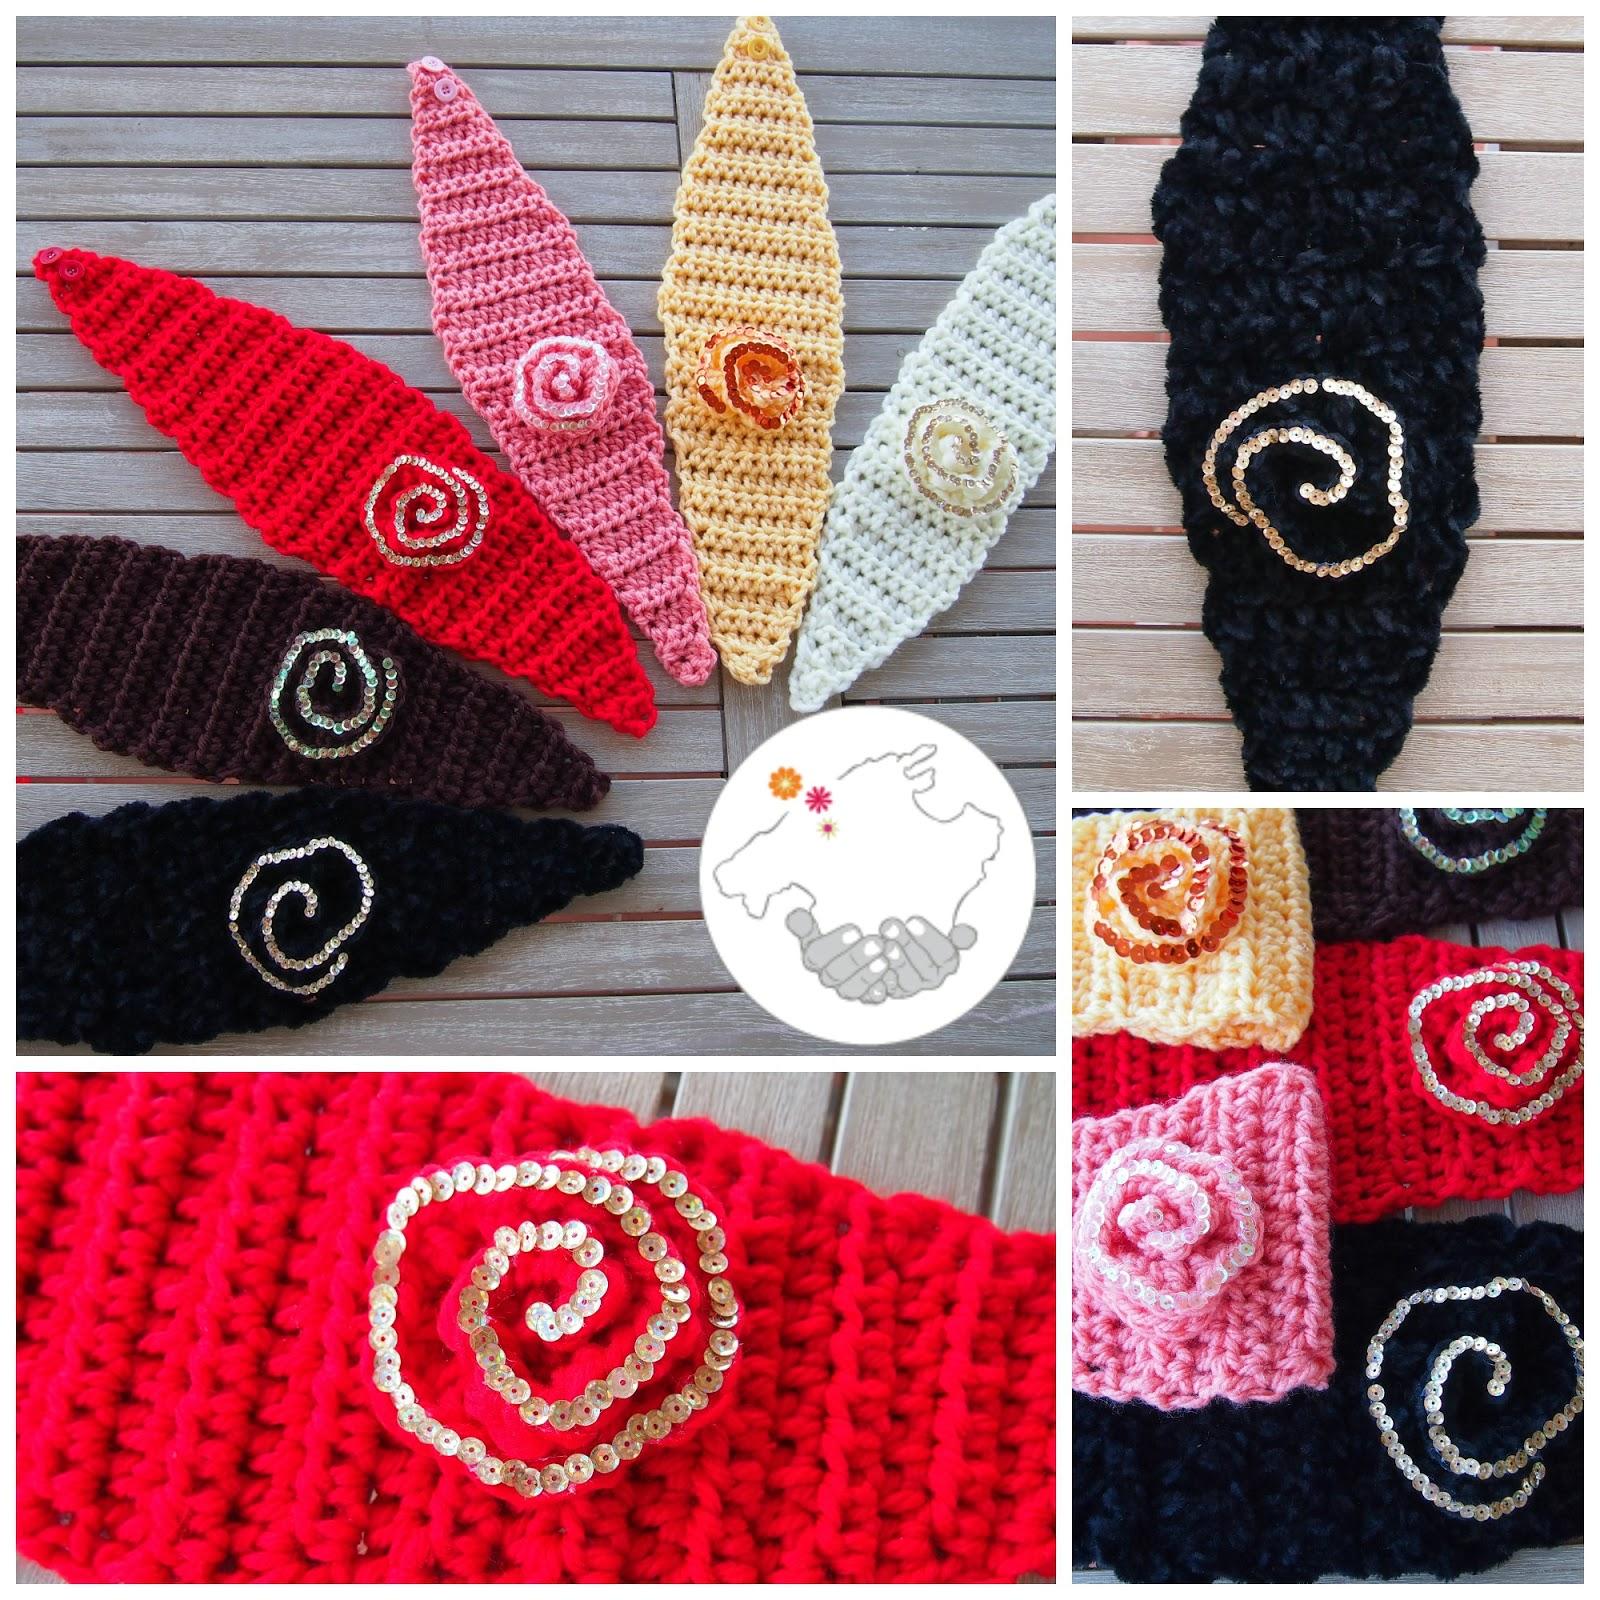 Asombroso Crochet Patrón Turbante Diadema Ornamento - Ideas de ...